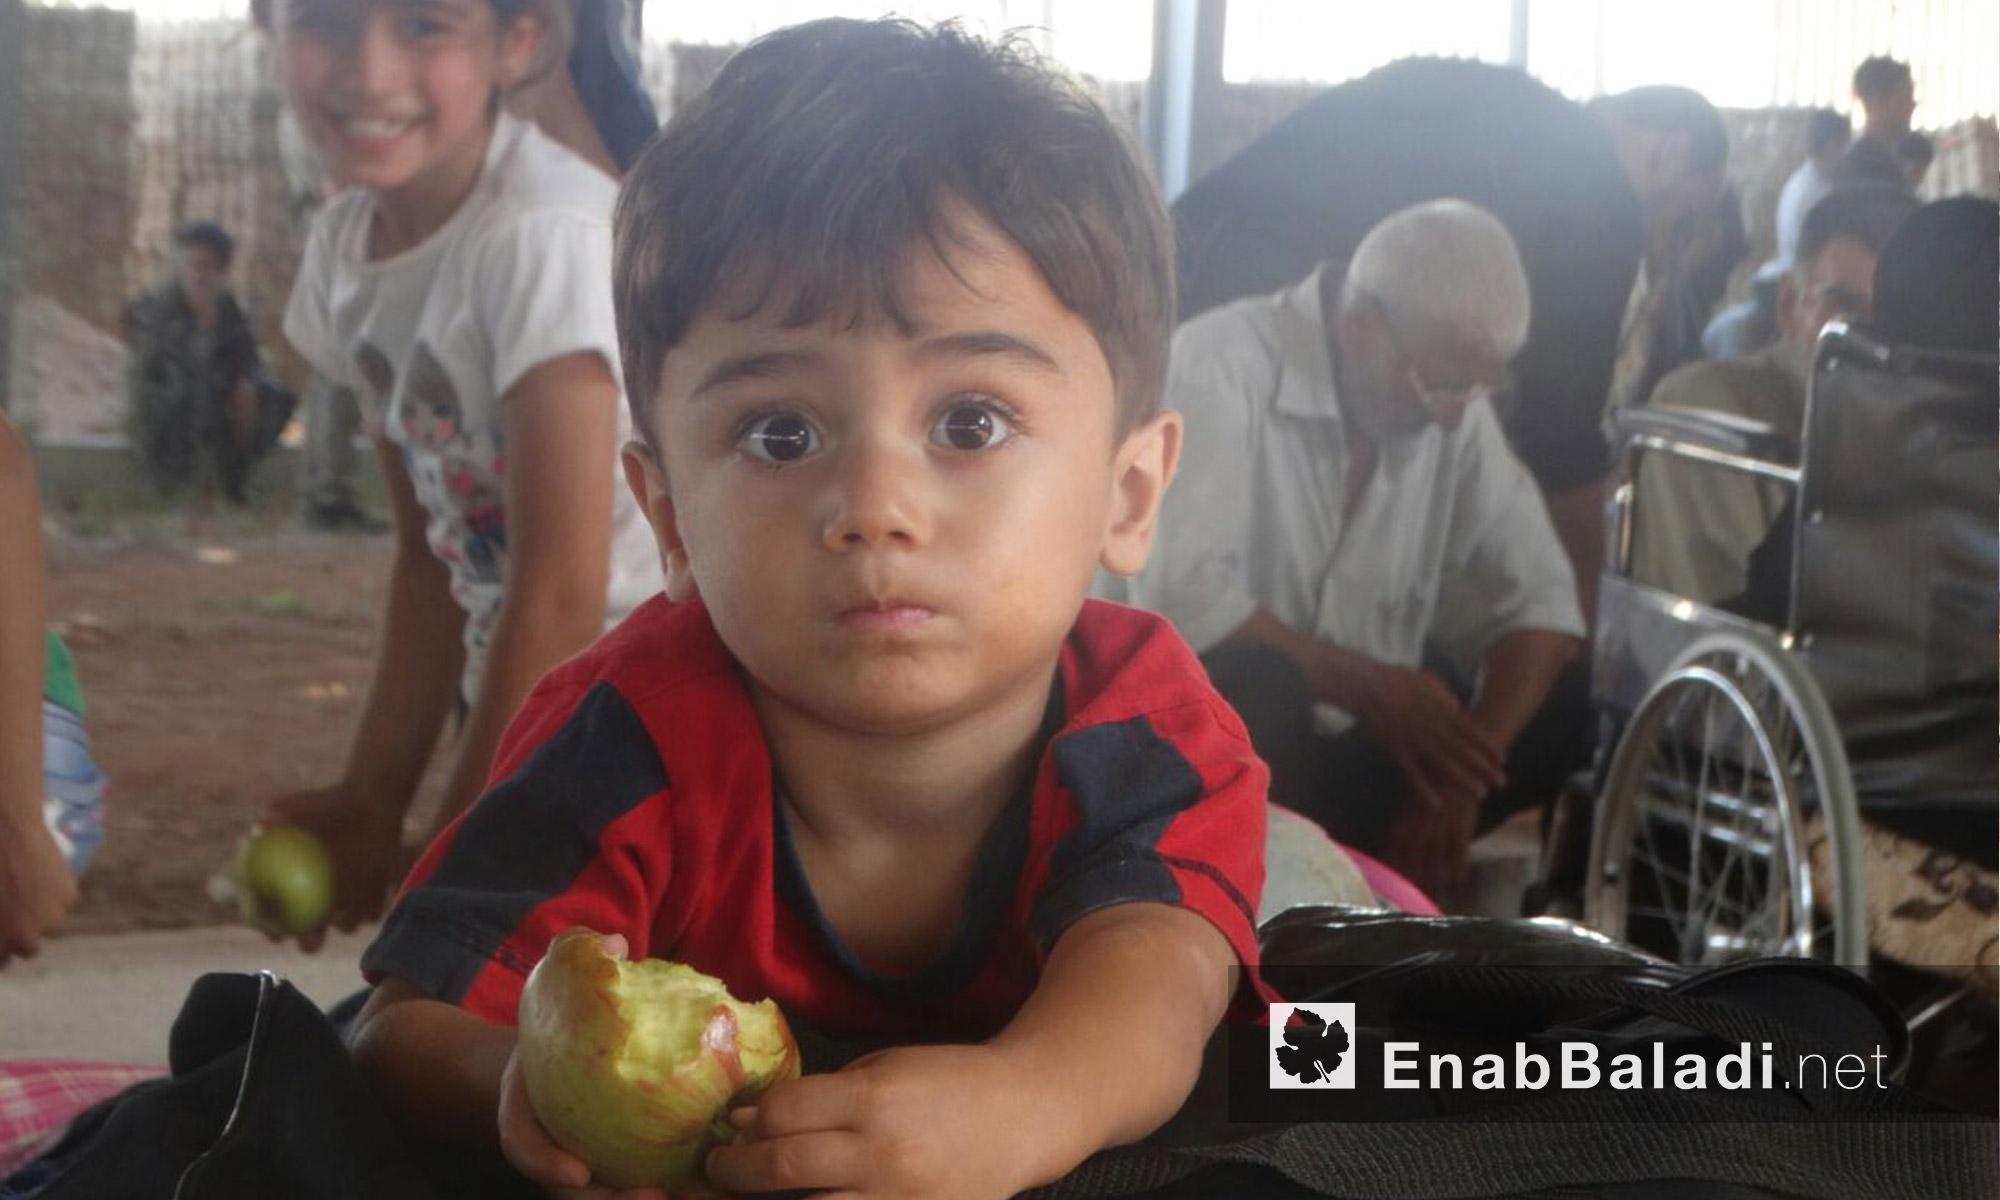 طفل ينتظر الخروج إلى ريف حمص الشمالي - الخميس 23 أيلول (عنب بلدي)